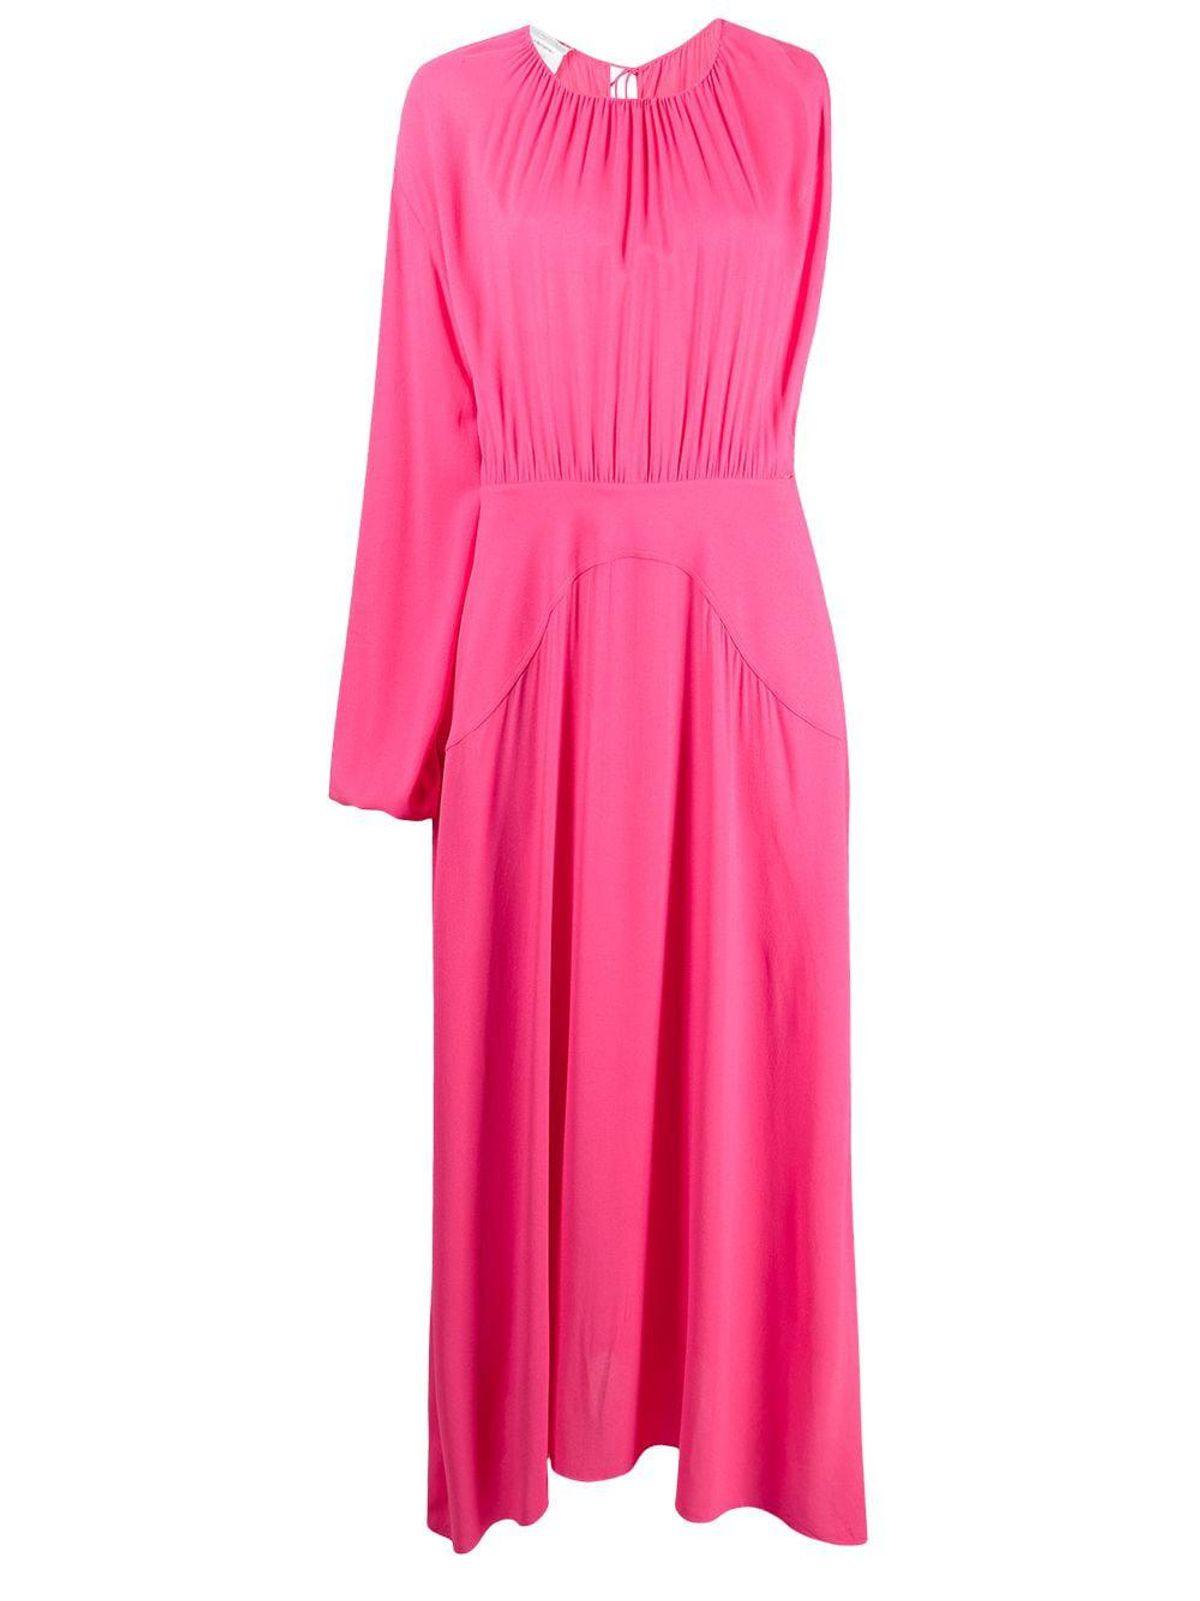 One-sleeve Gathered Maxi-dress